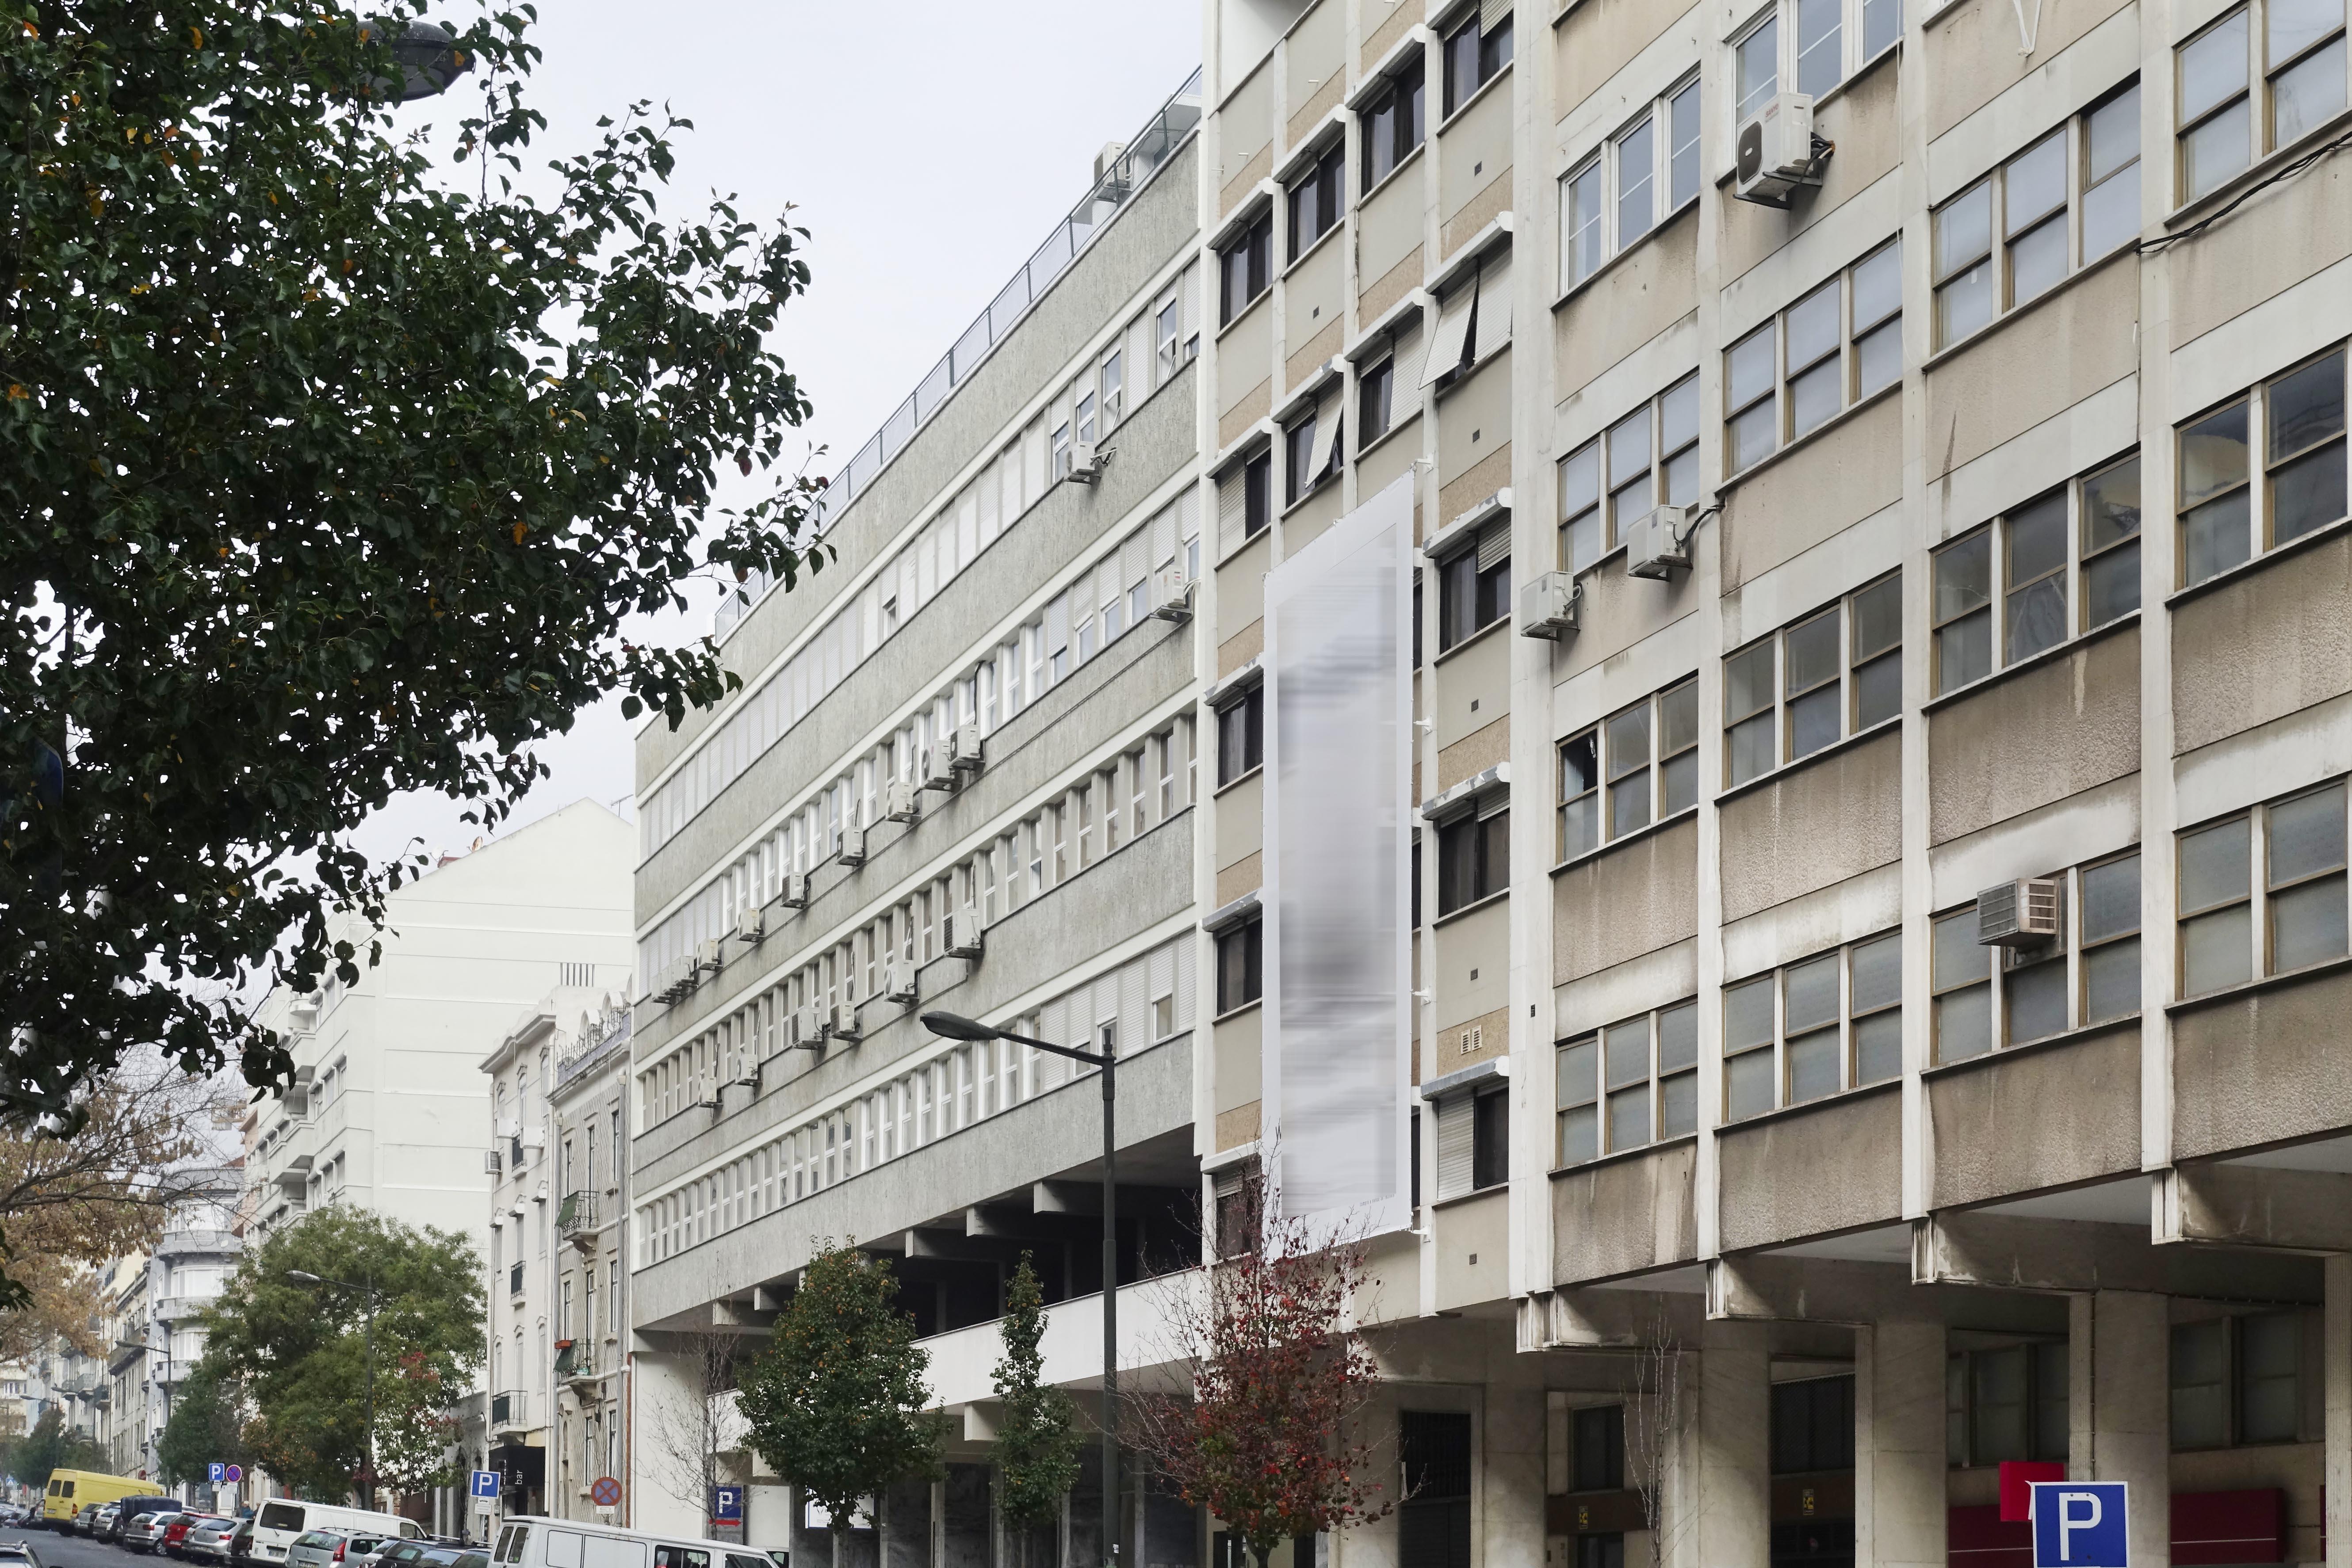 公寓 为 销售 在 Flat, 1 bedrooms, for Sale 葡京, 葡京, 1150-280 葡萄牙